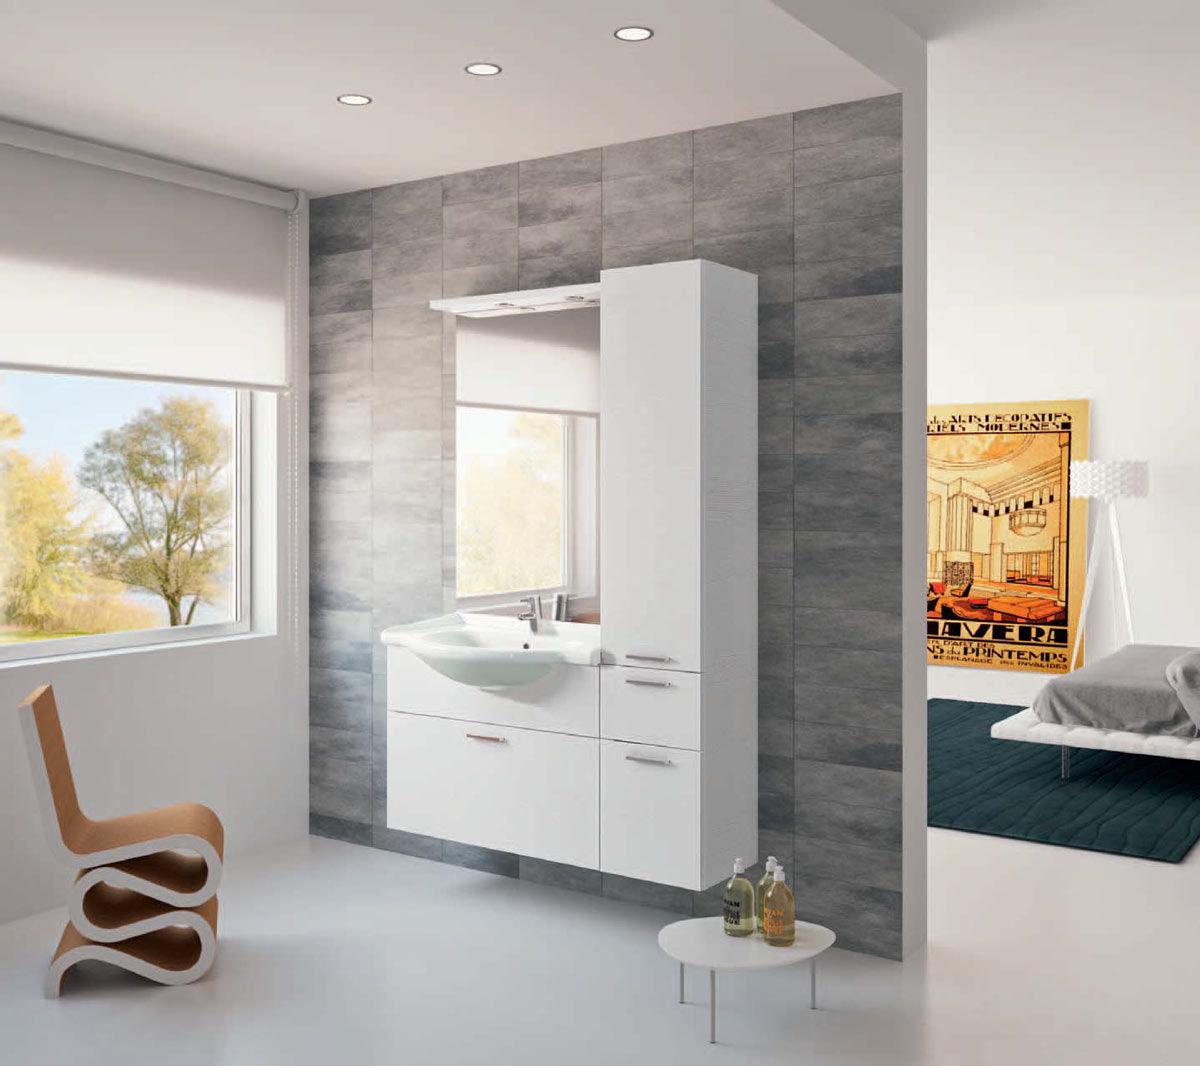 Costo mobili bagno mobile bagno in ceramica by rab for Mobili a poco prezzo online